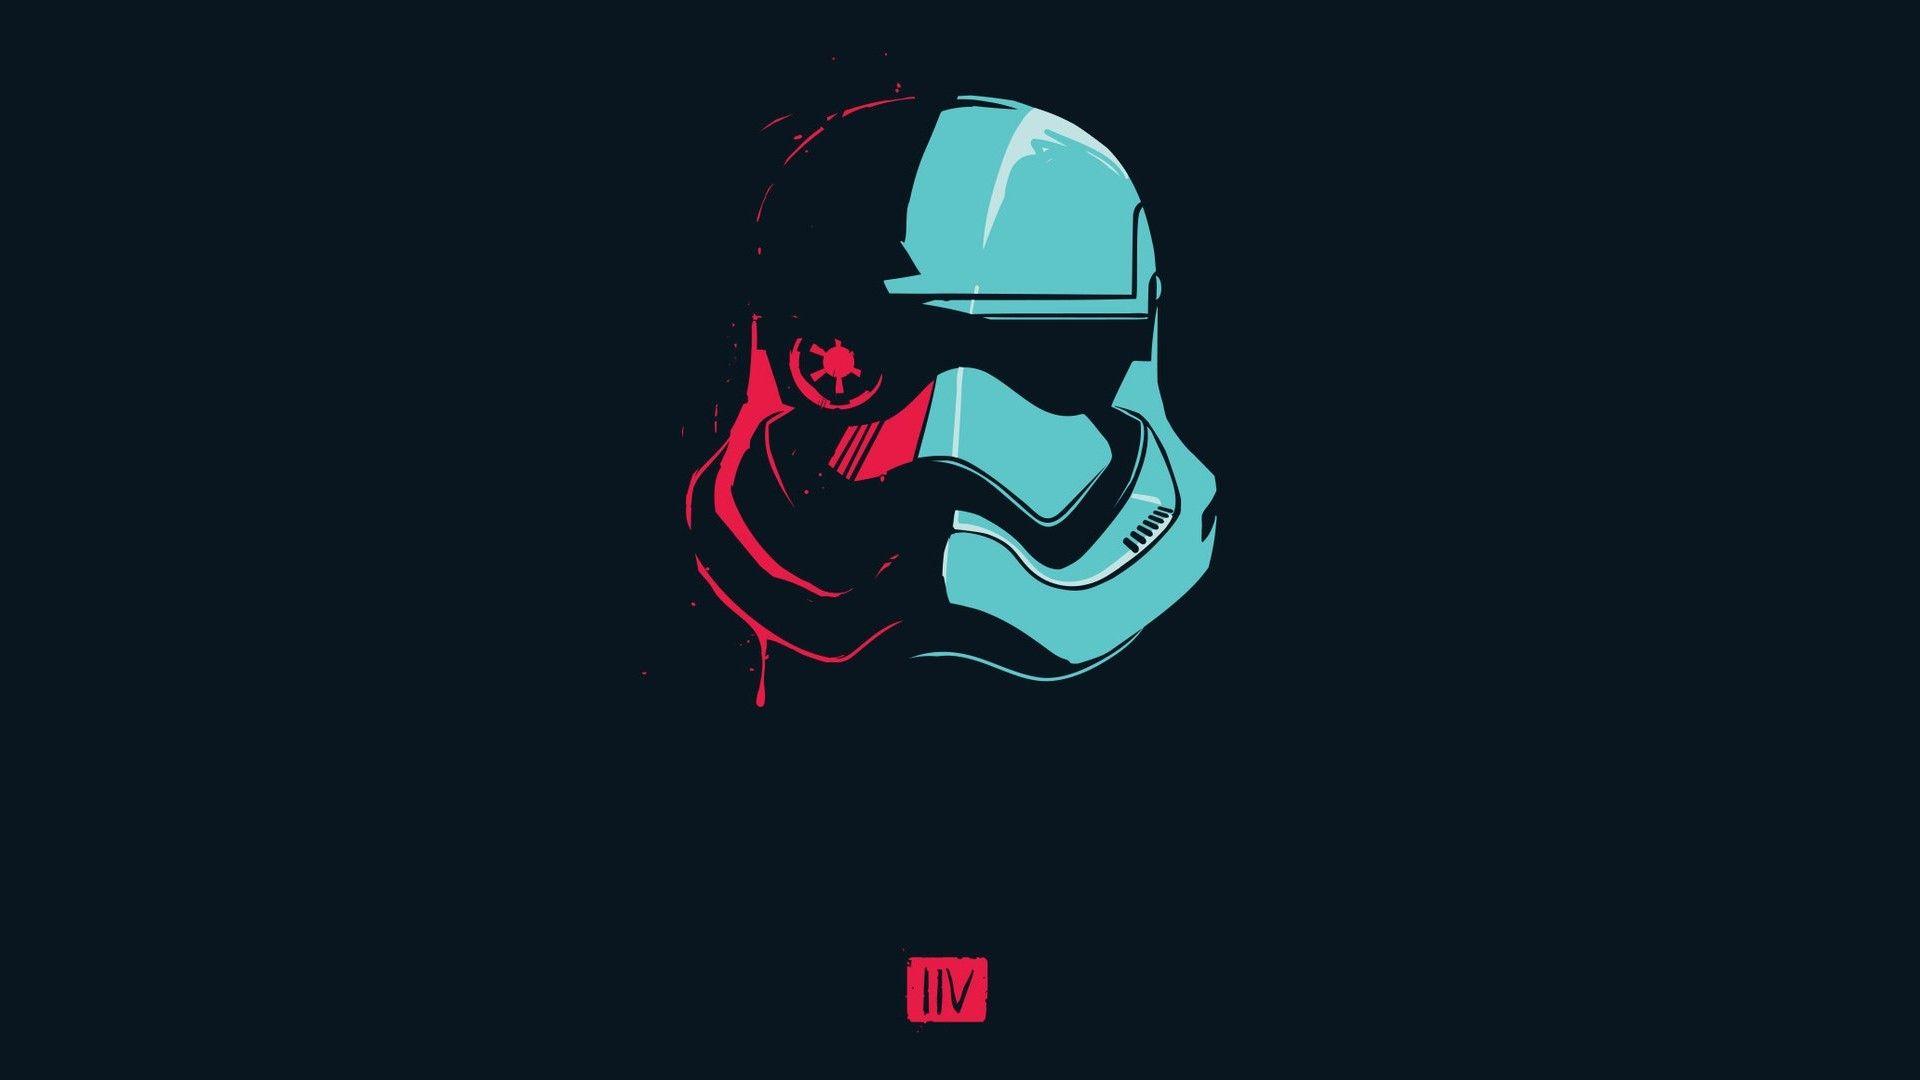 Minimalist Star Wars Wallpapers Top Free Minimalist Star